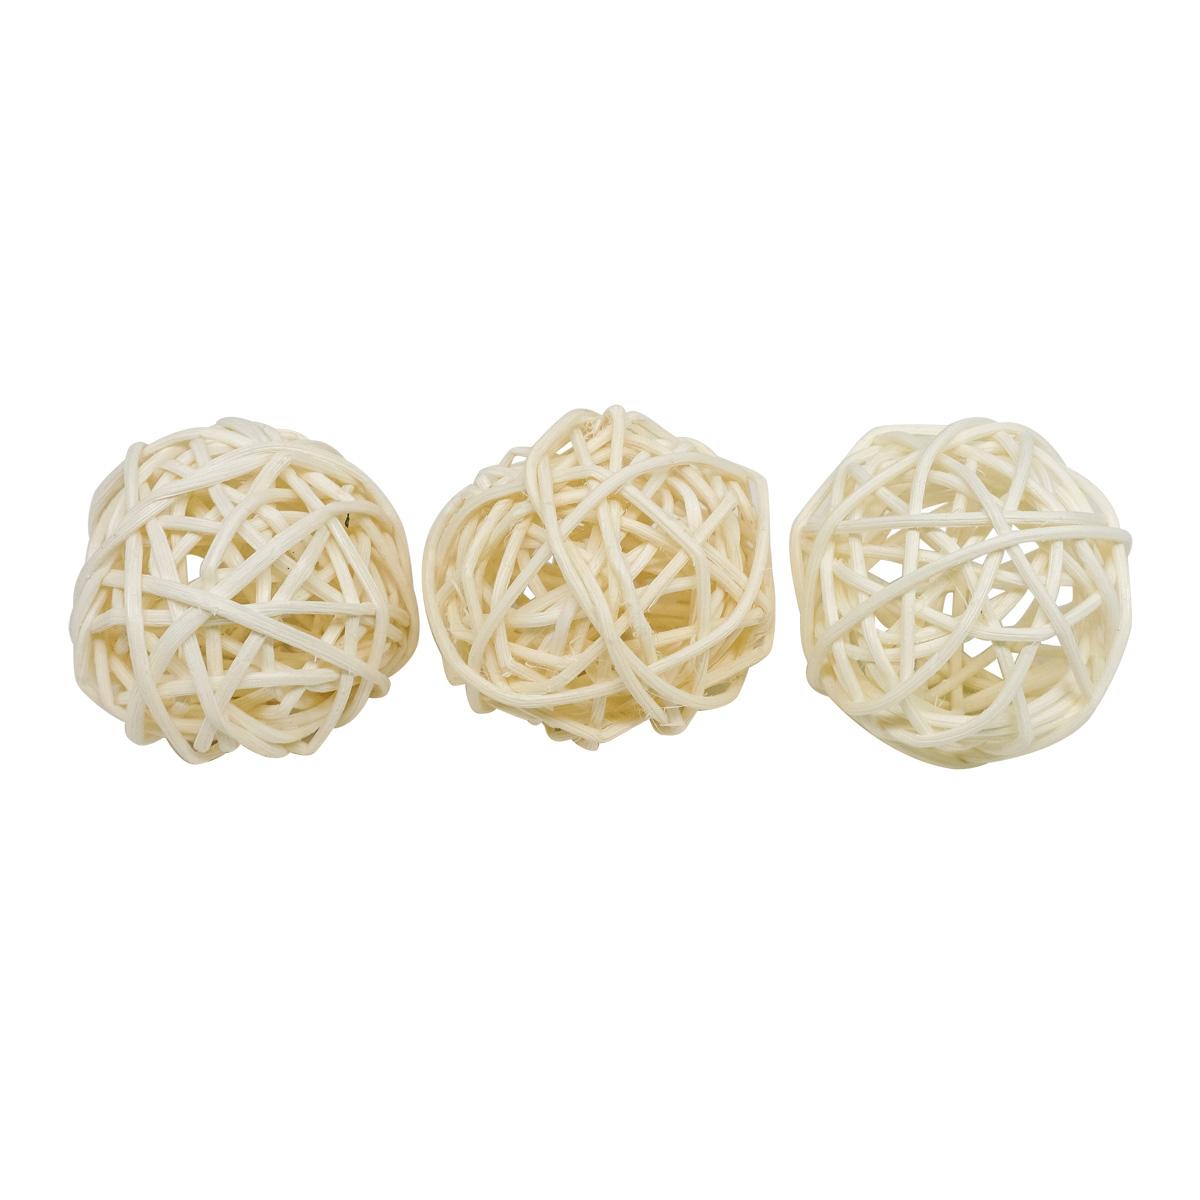 BH172AB Шары декоративные из ротанга 5см, 12шт/упак, цв.W (белый)